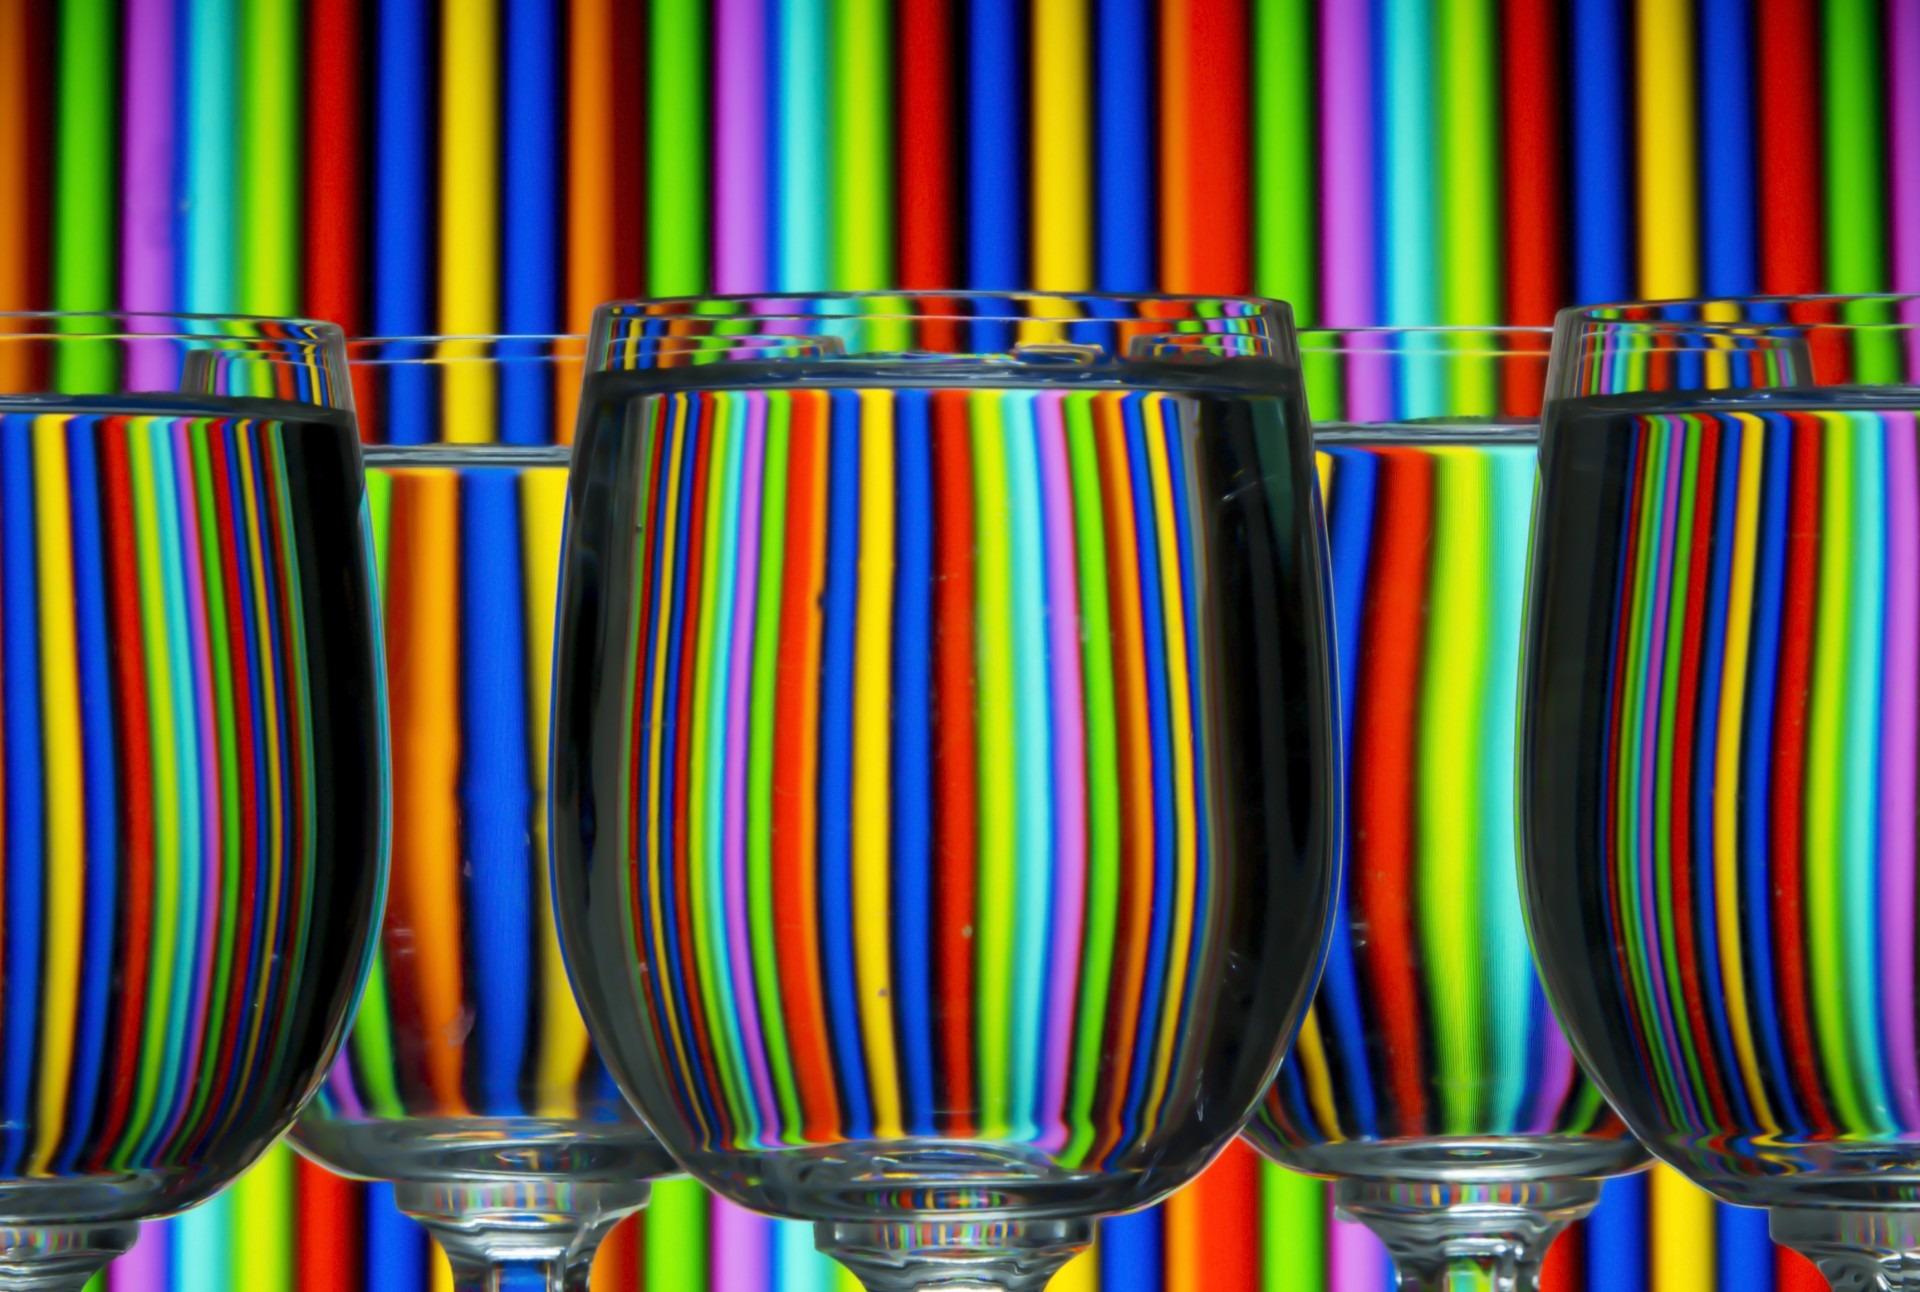 101 Gambar Abstrak Cangkir HD